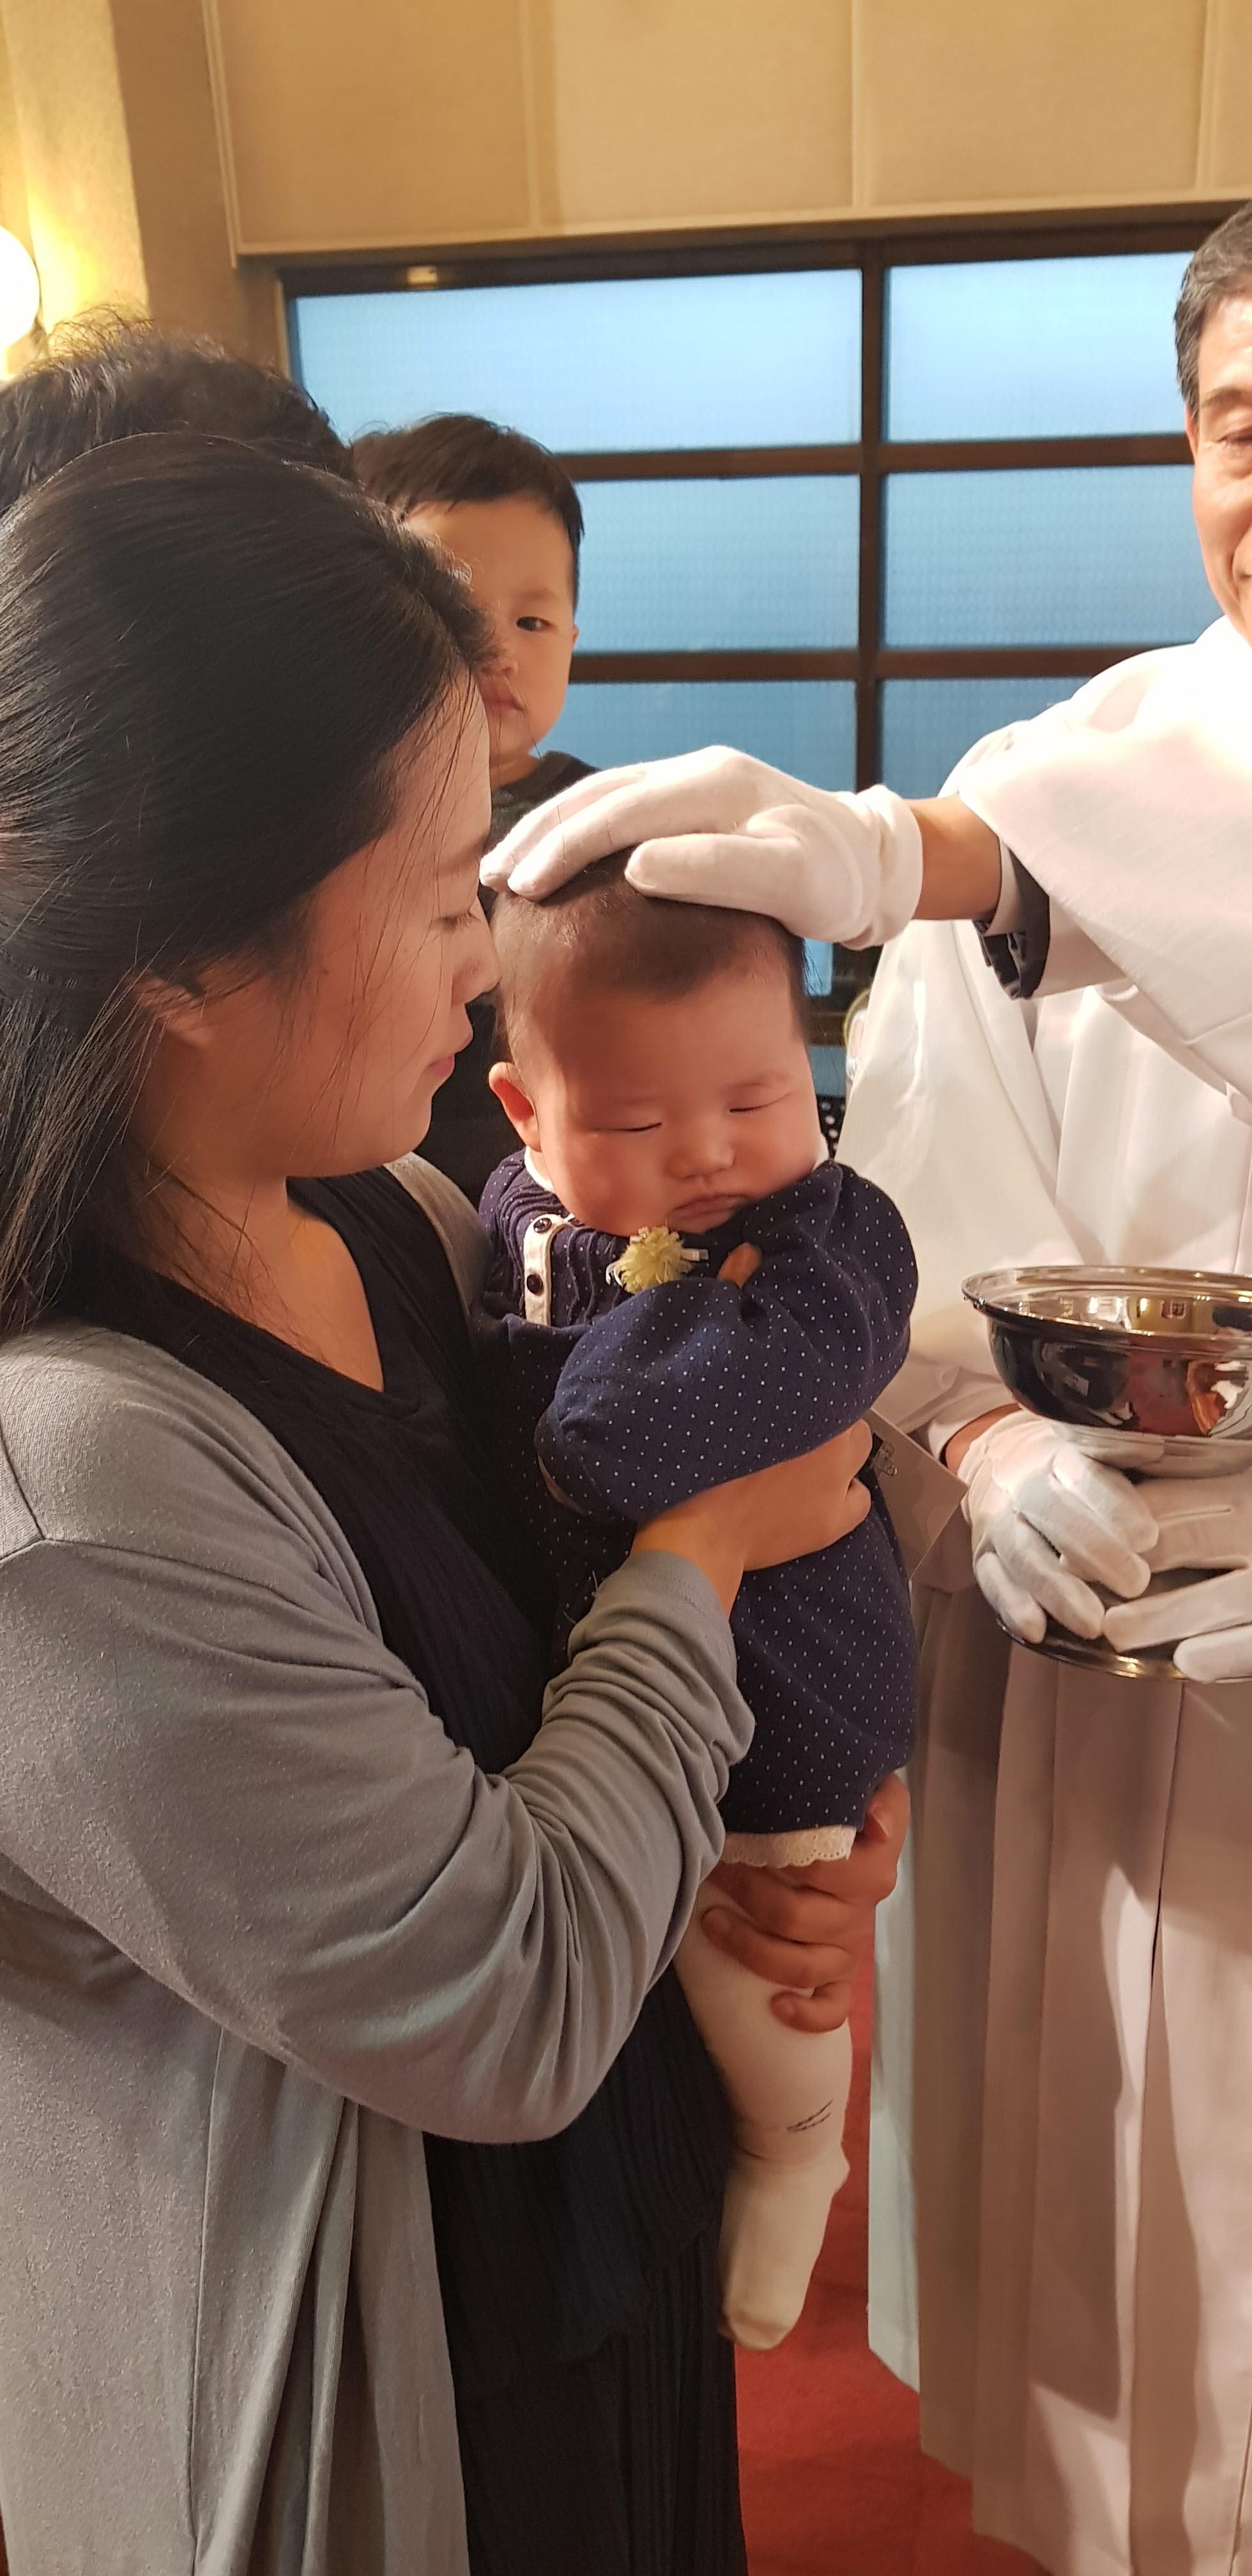 20180506 유아세례식 1부 3